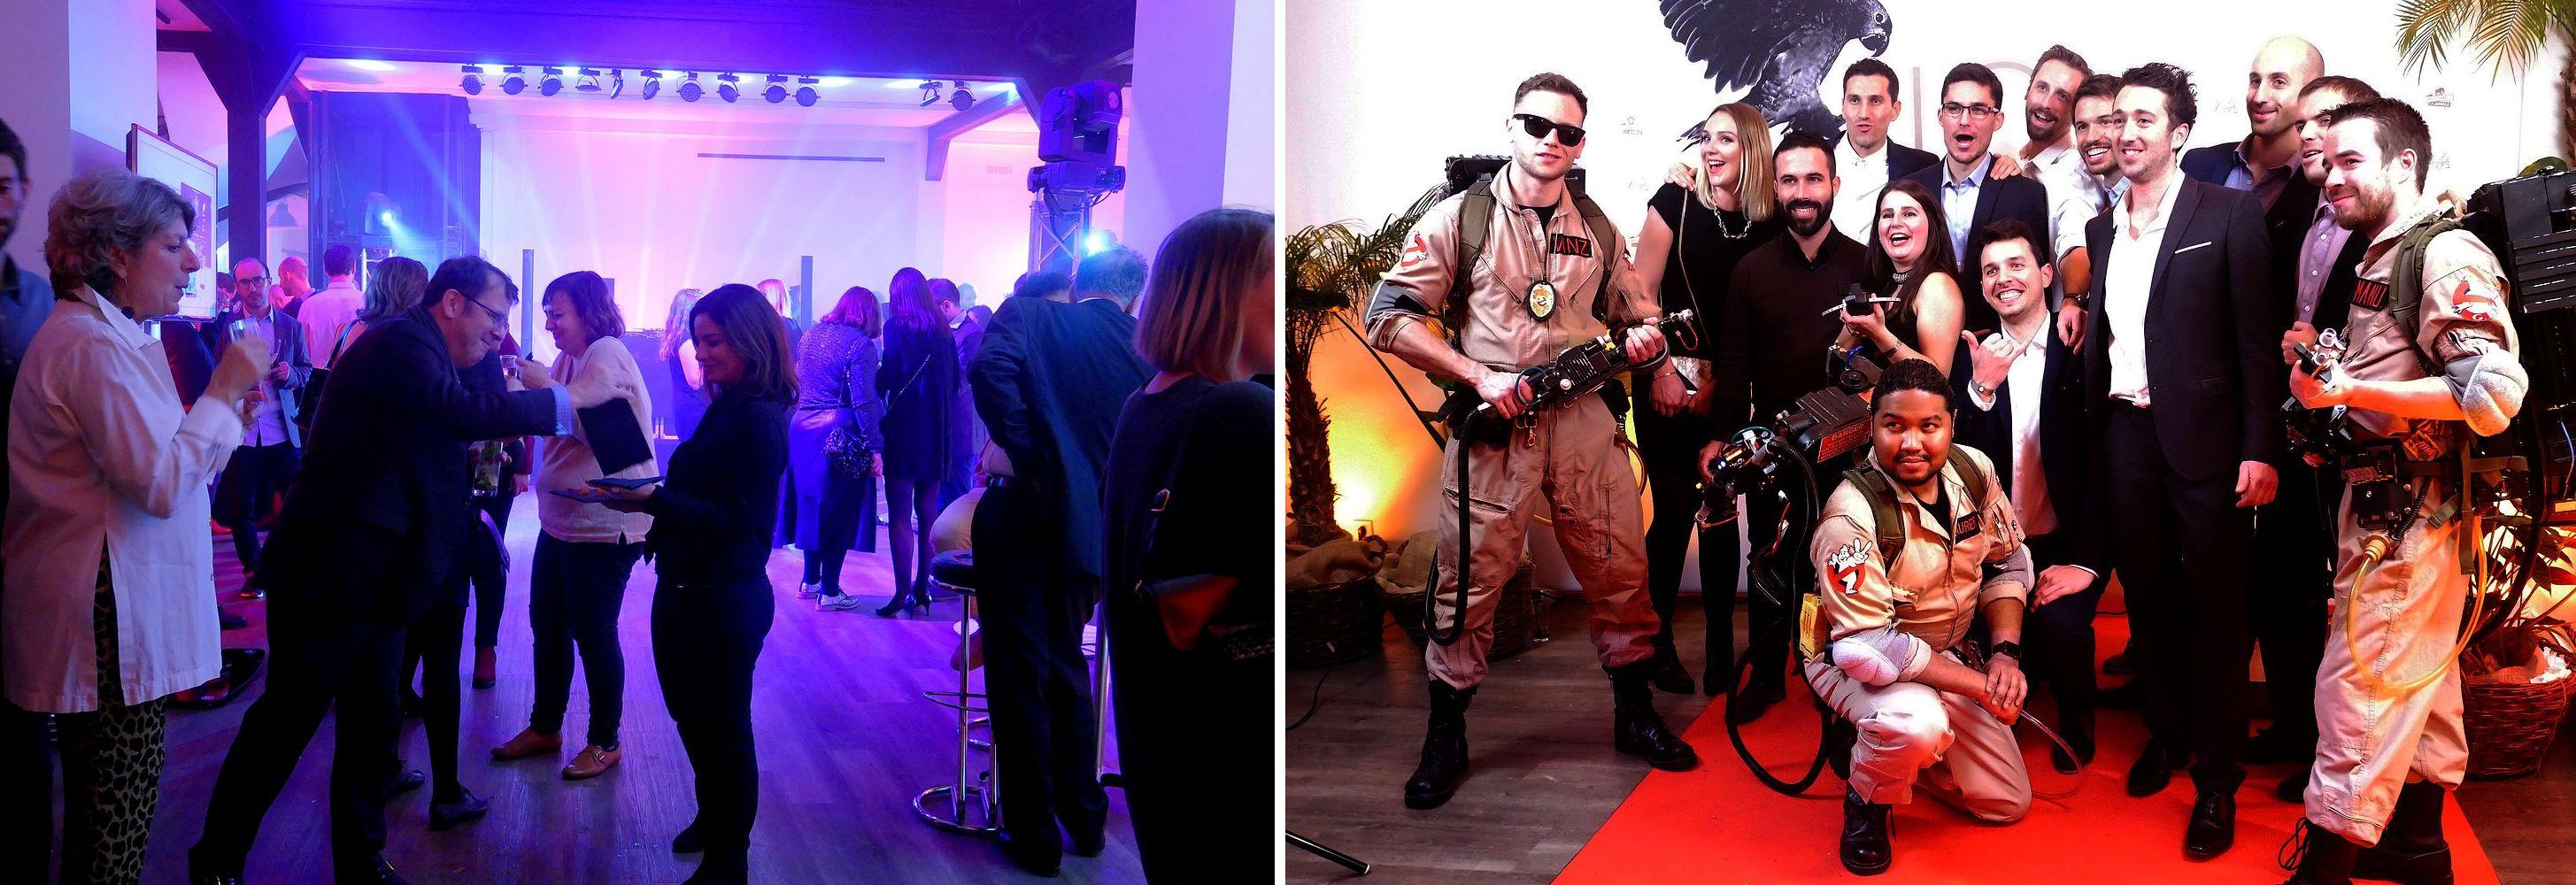 Paris événement atypique La Jungle 10 ans